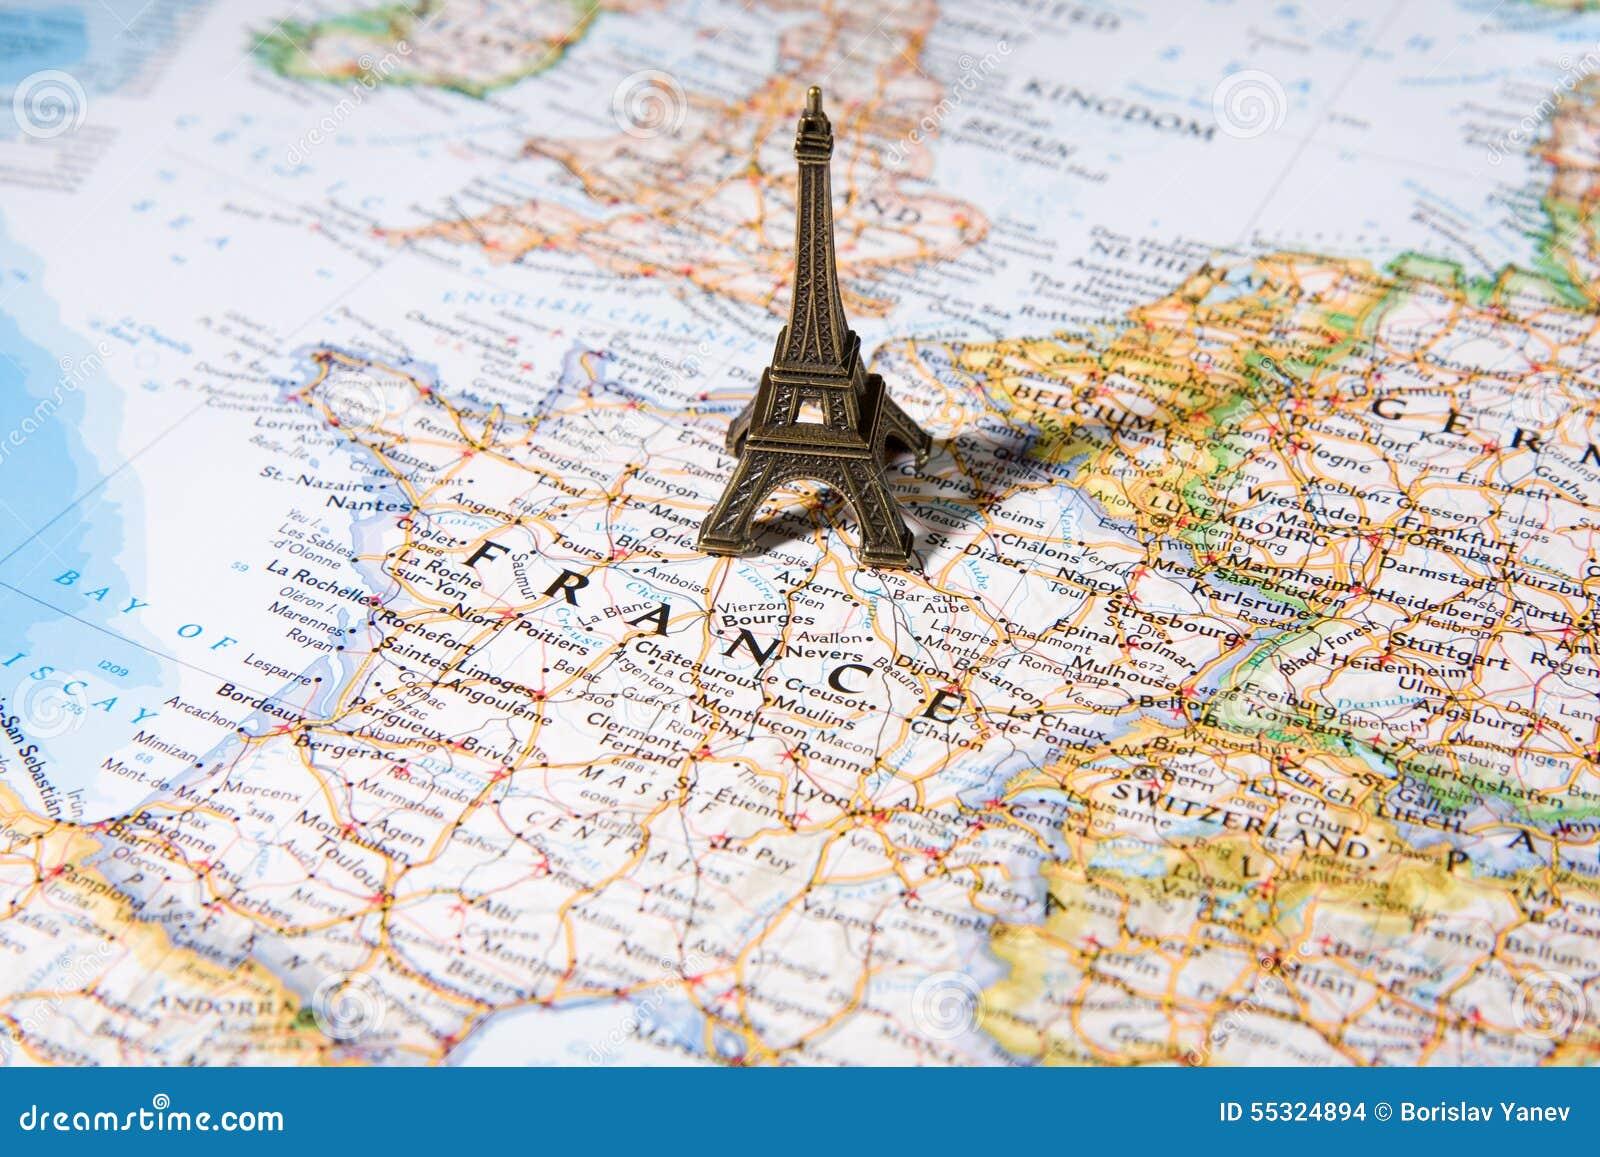 statue de tour eiffel sur une carte paris la plupart de ville romantique photo stock image du. Black Bedroom Furniture Sets. Home Design Ideas